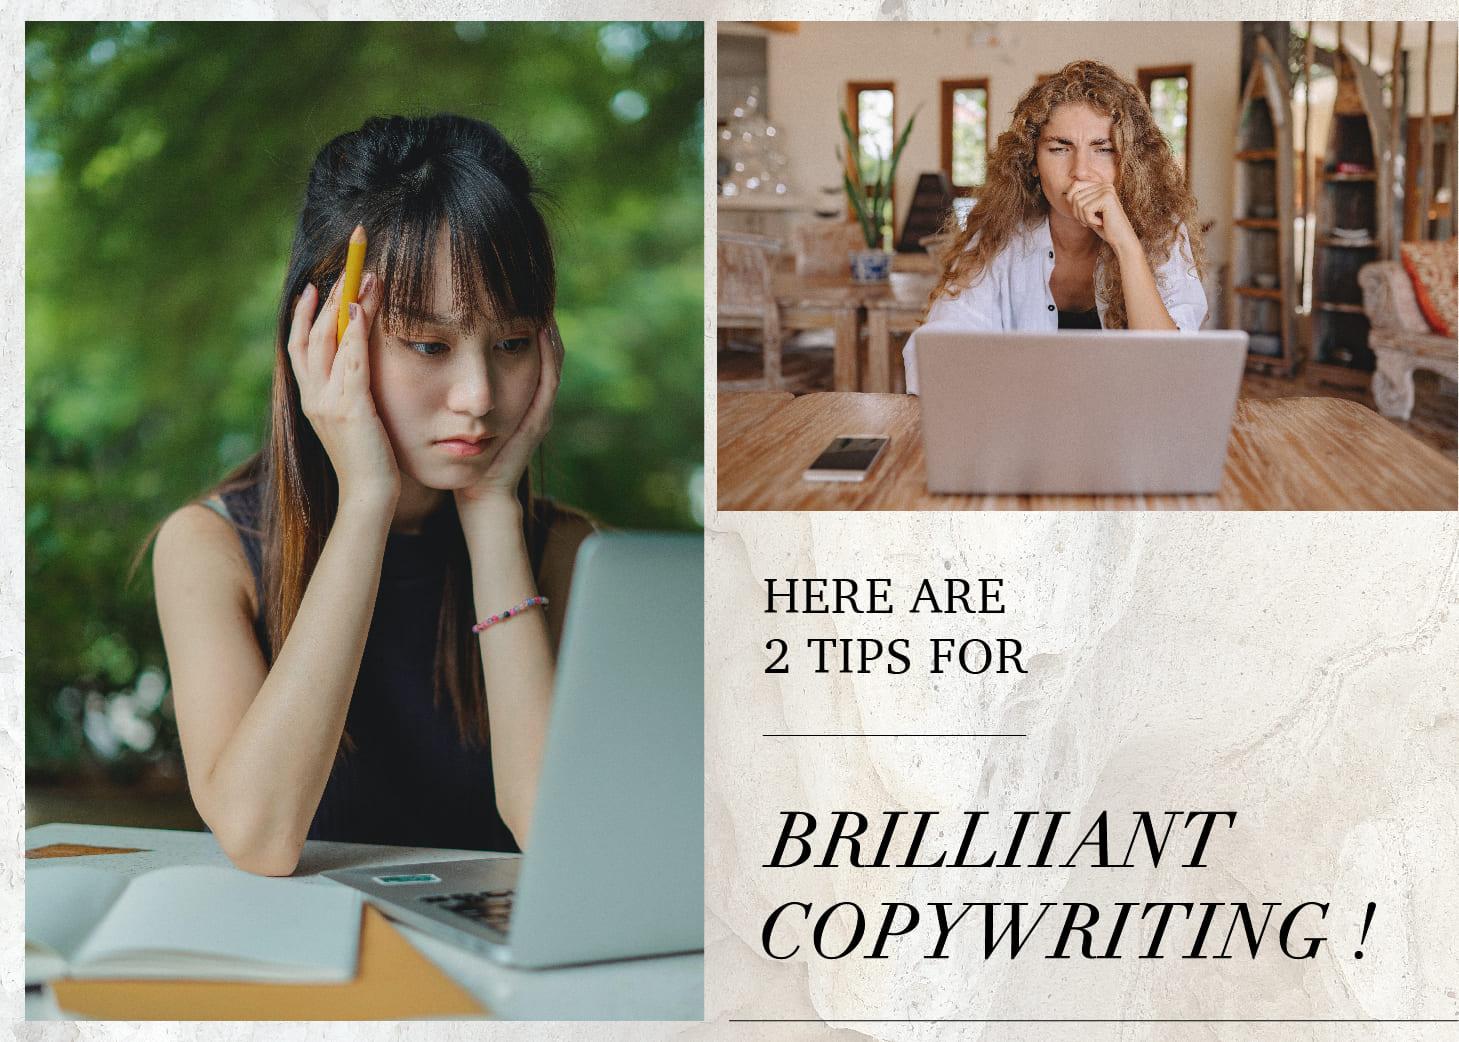 【行銷人】「文案救星」來了!新手別再苦想一整晚⋯⋯2大點輕鬆搞定! Here are 2 tips for brilliiant copywriting!